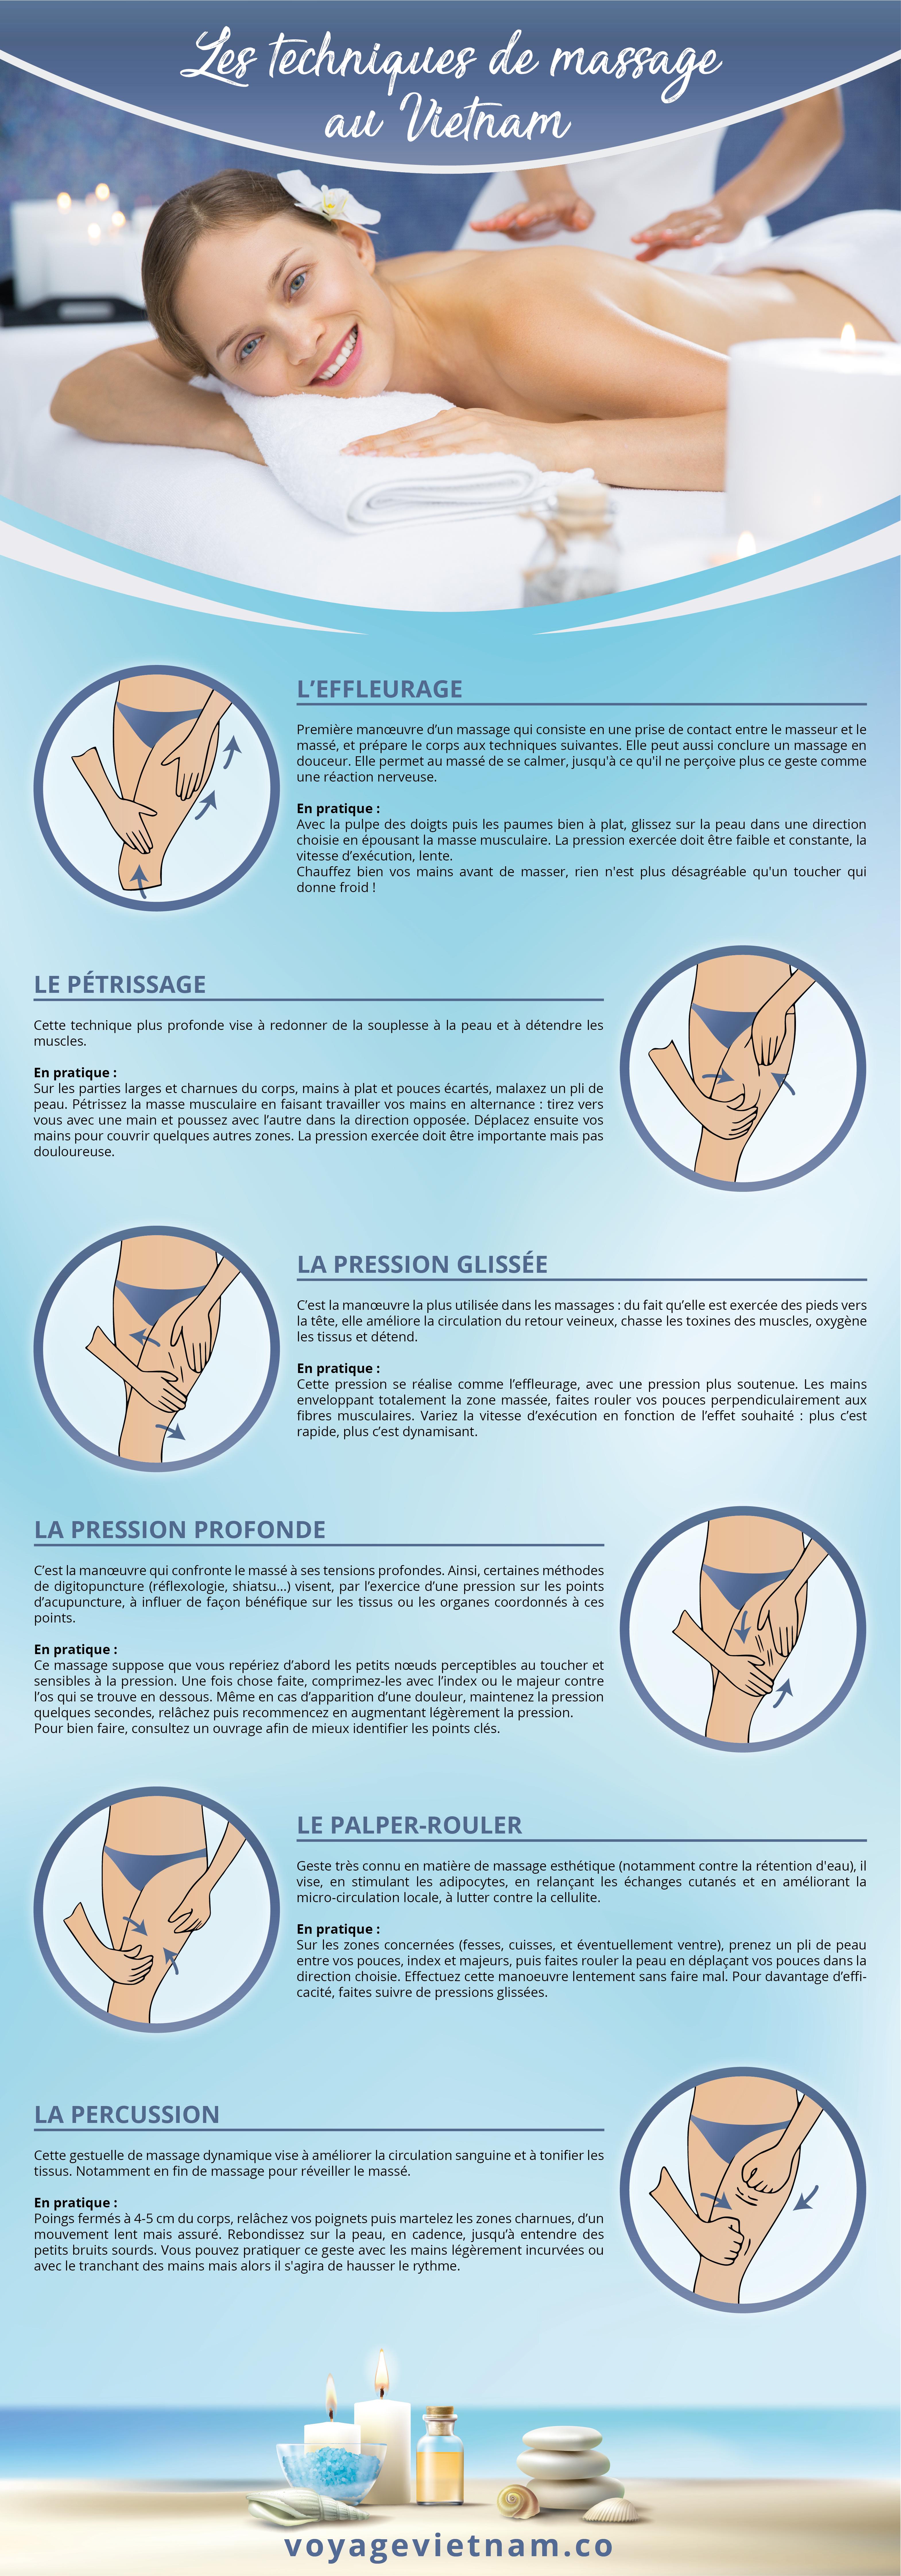 Infographie : techniques de massages connues pour un bon massage vietnamien